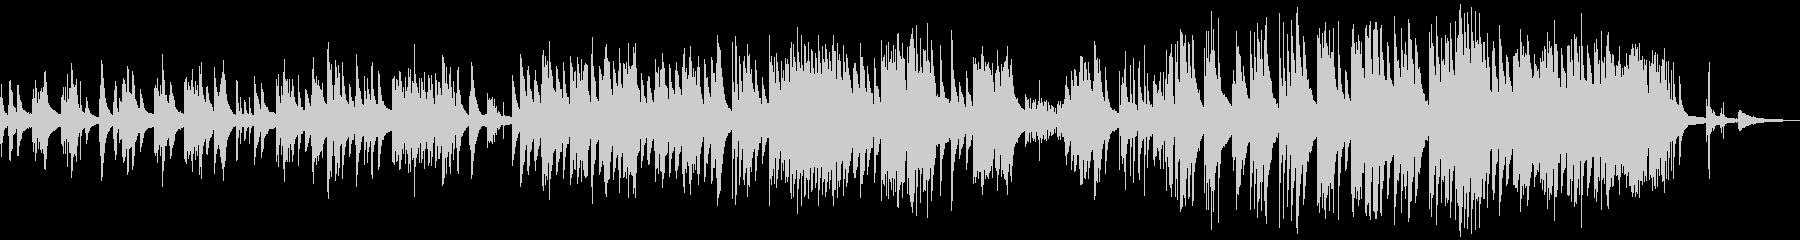 心が通じ合うような充足感のあるピアノソロの未再生の波形